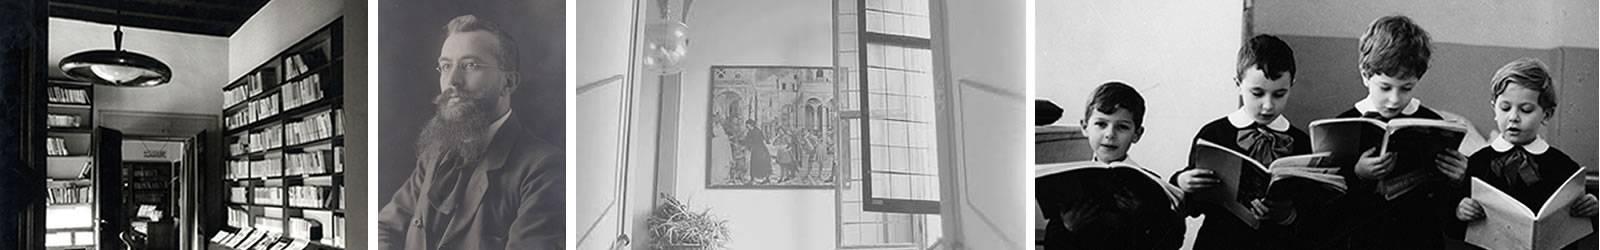 immagini della storia di indire: Lombrado adice, foto bilioteca anni 50, foto storica di una classe